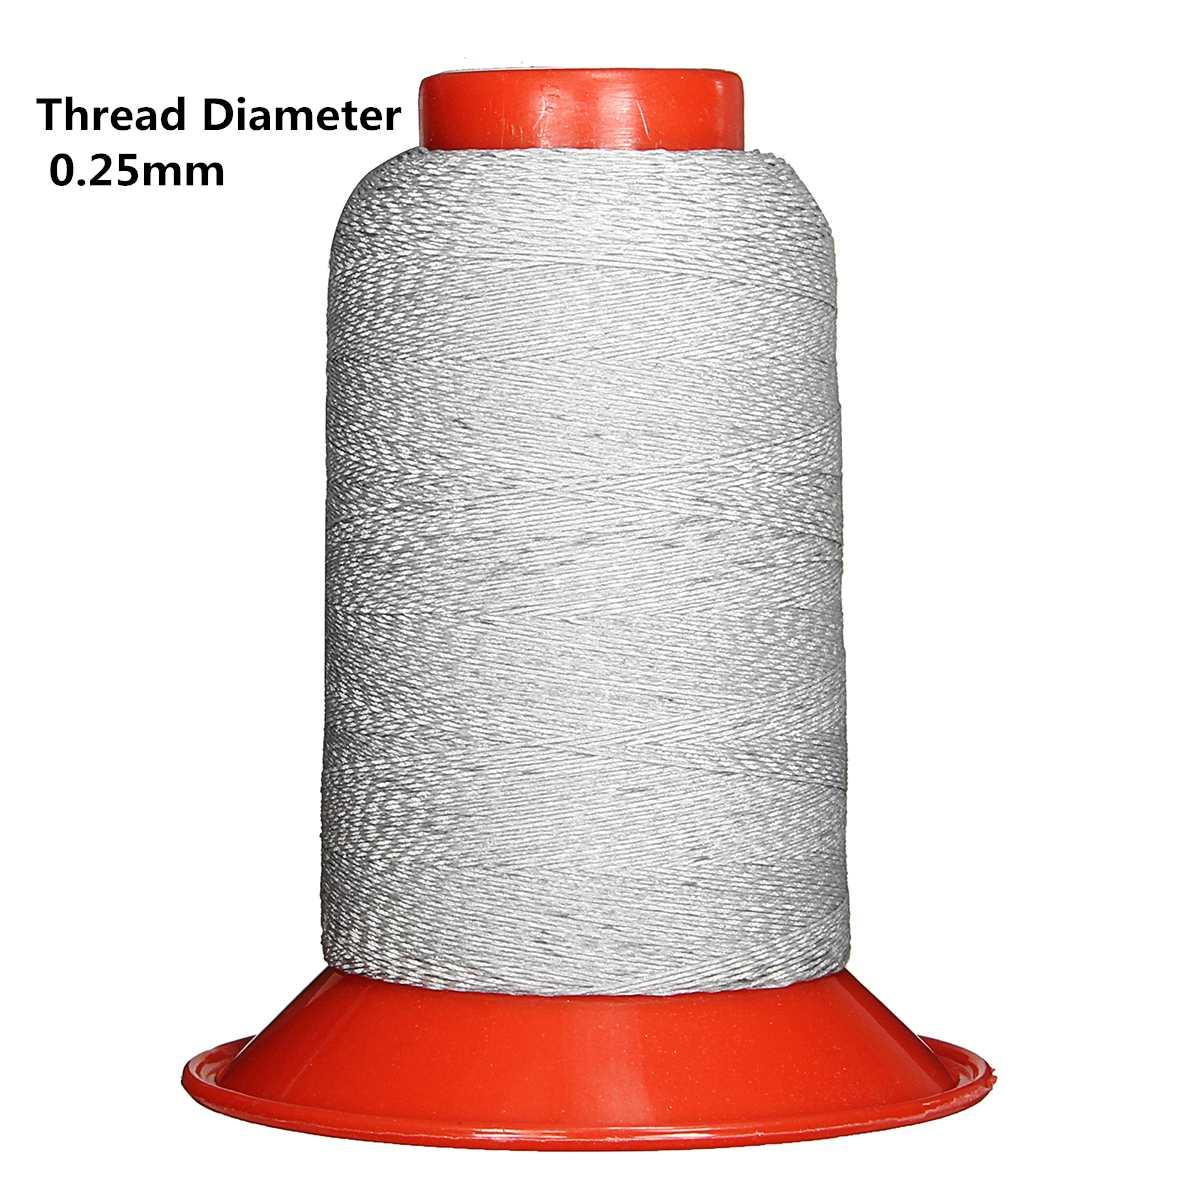 Нить для шитья из полиэстера светоотражающий 1000 м/рулон диаметром 0,5 мм/0,3/0,25/0,15 мм DIY Швейные для безопасной работы с химическими веществами Кепки Костюмы серебристо-серый - Цвет: Thread Dia 0.25mm